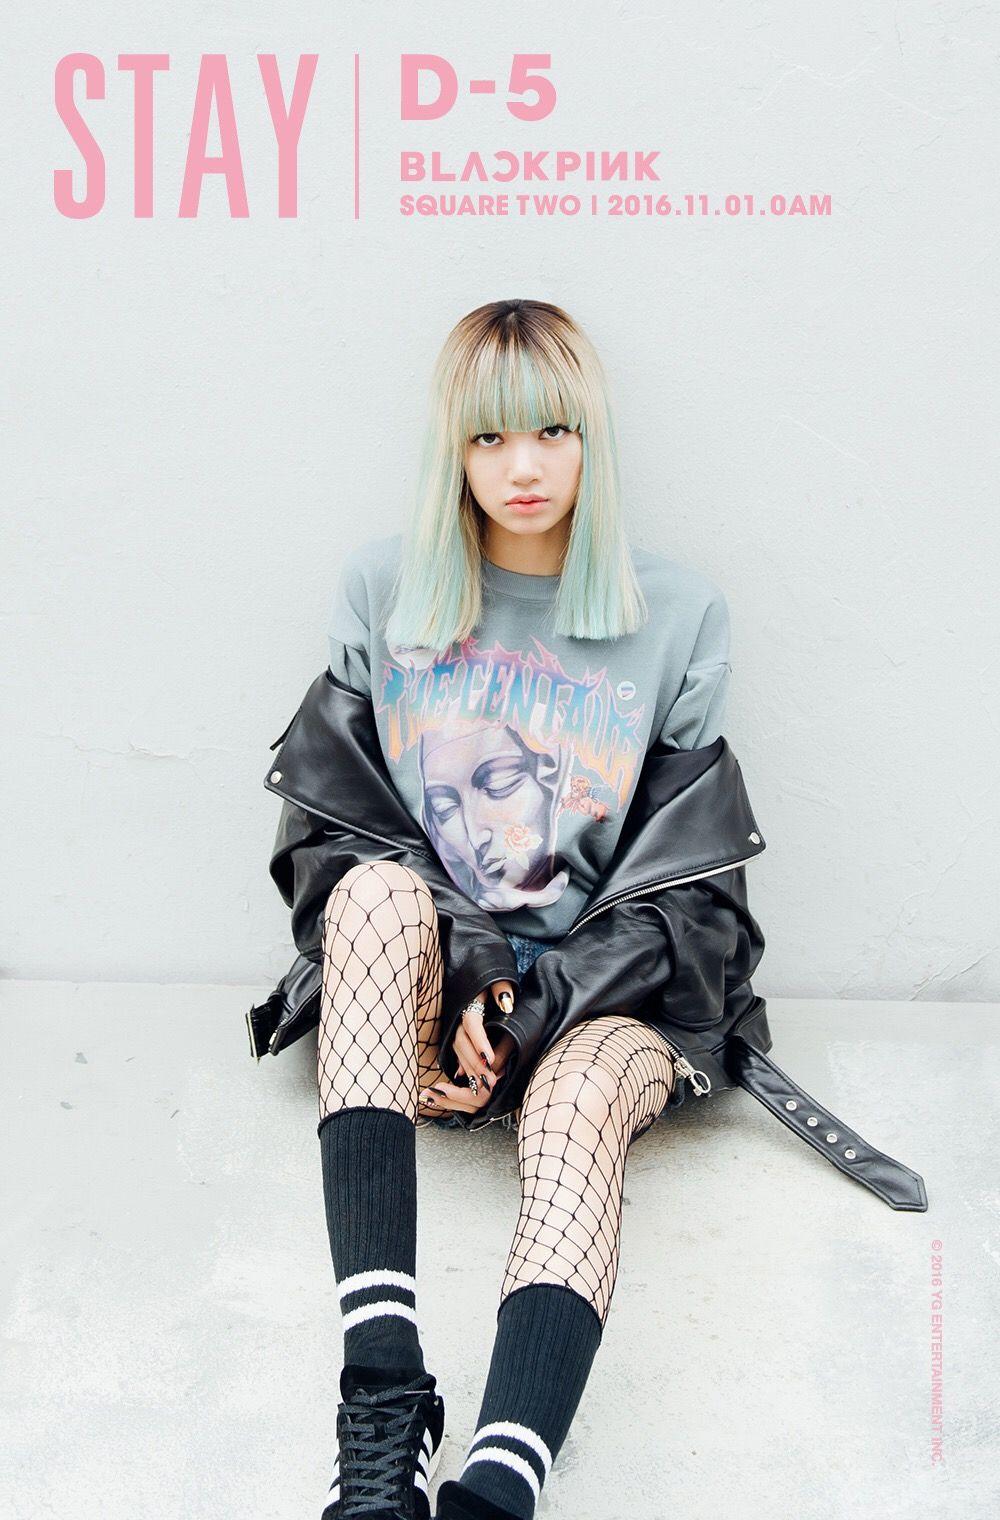 Lisa (BLACKPINK) mặc áo thun, áo khoác da, quần shorts, tất lưới và giày sneakers trong MV Stay